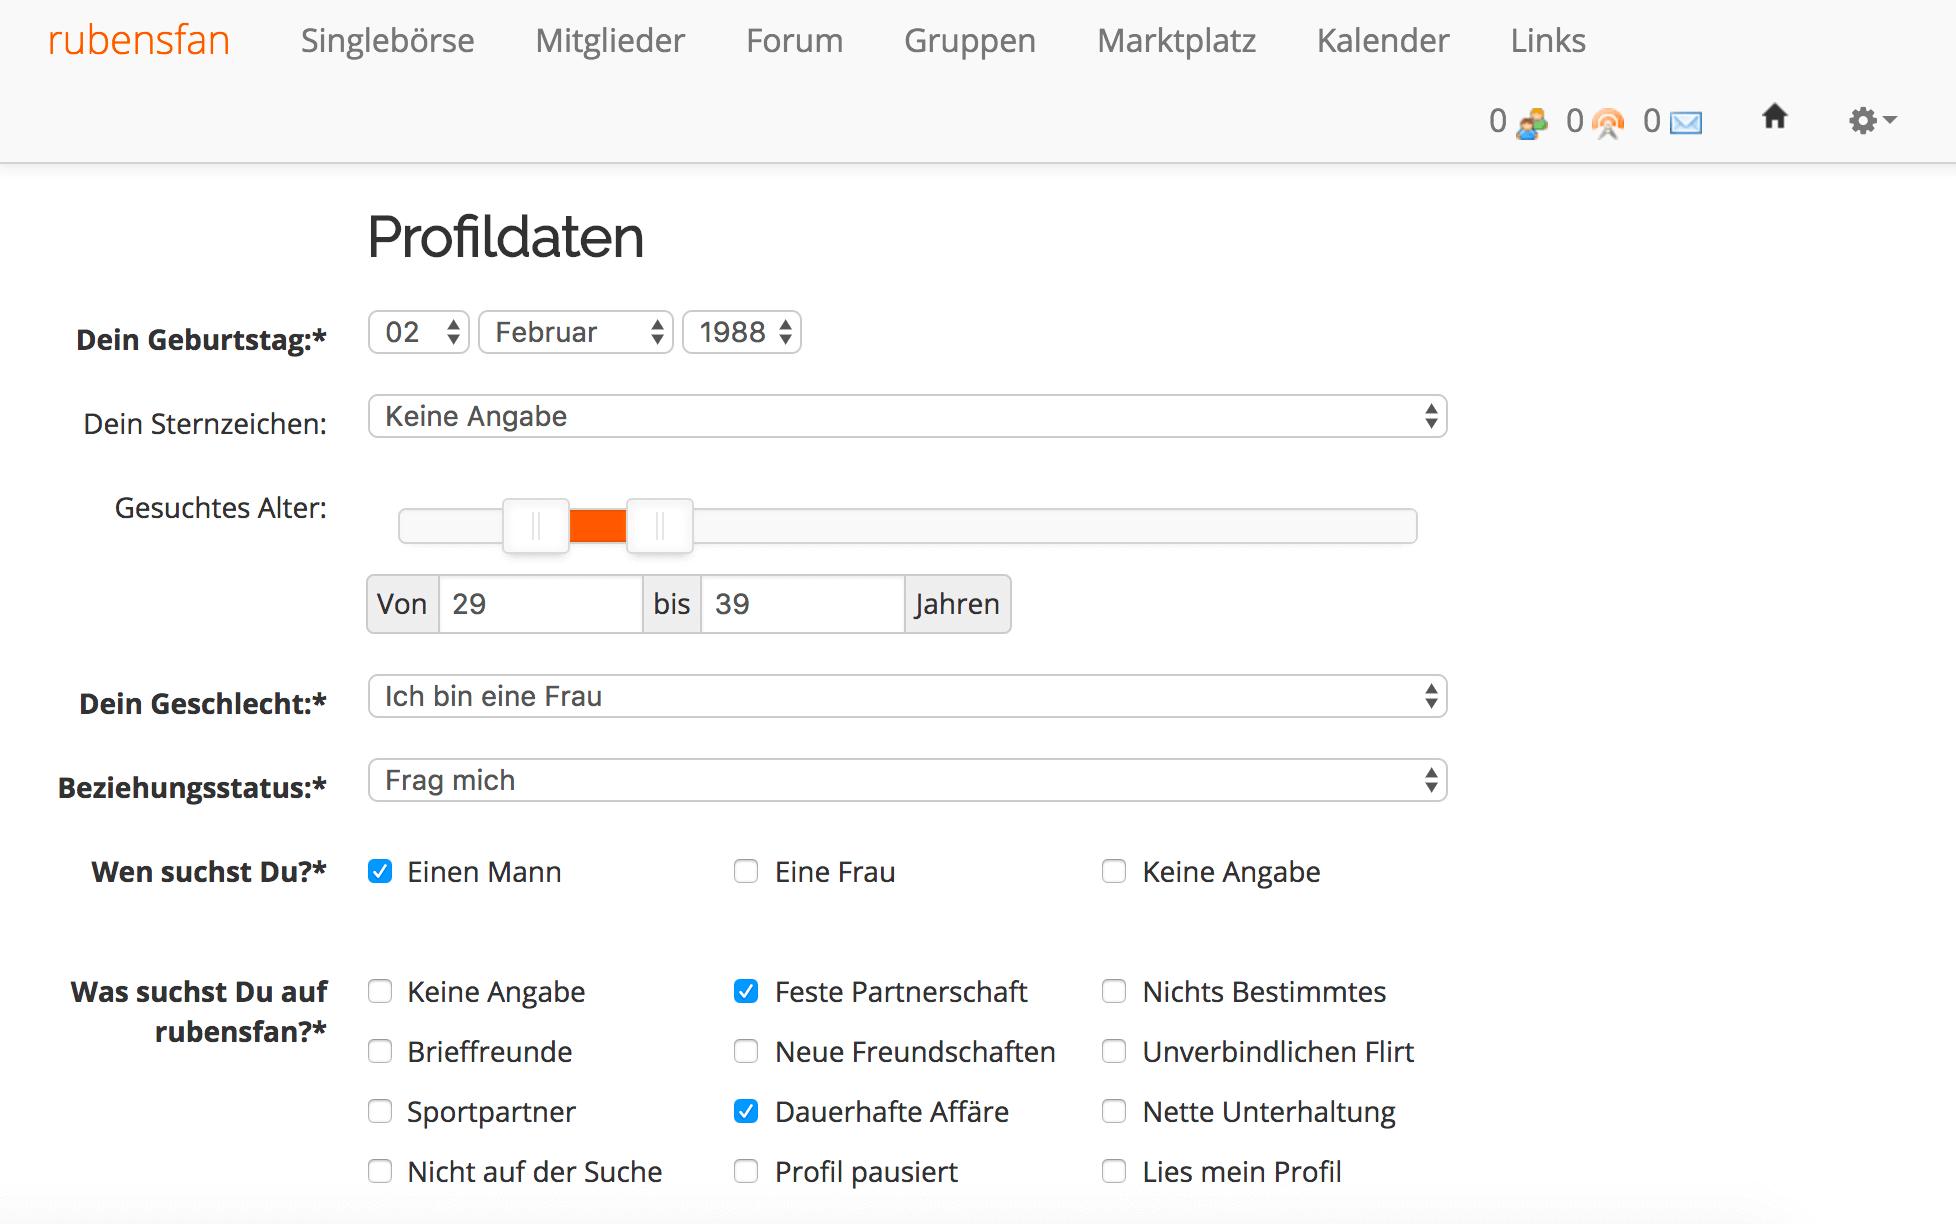 rubensfan profildaten